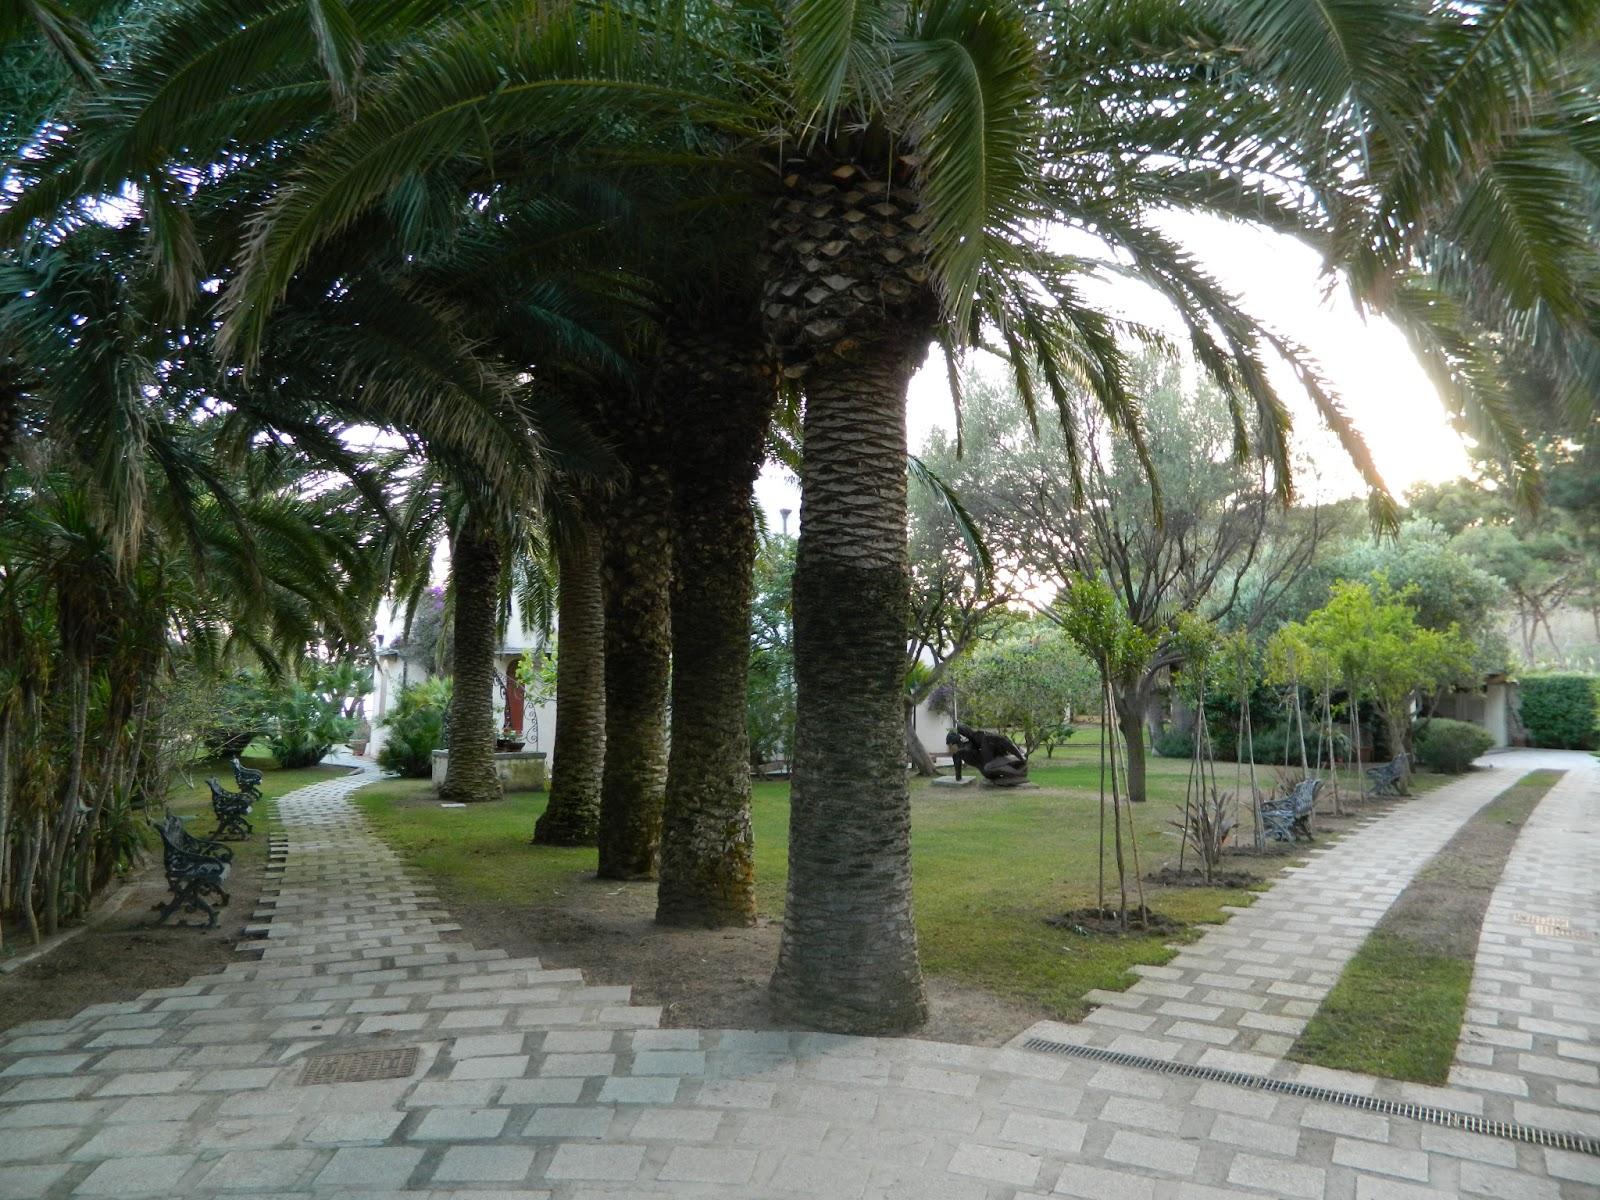 Ele di decor case e giardini in sardegna homes and for Case e giardini